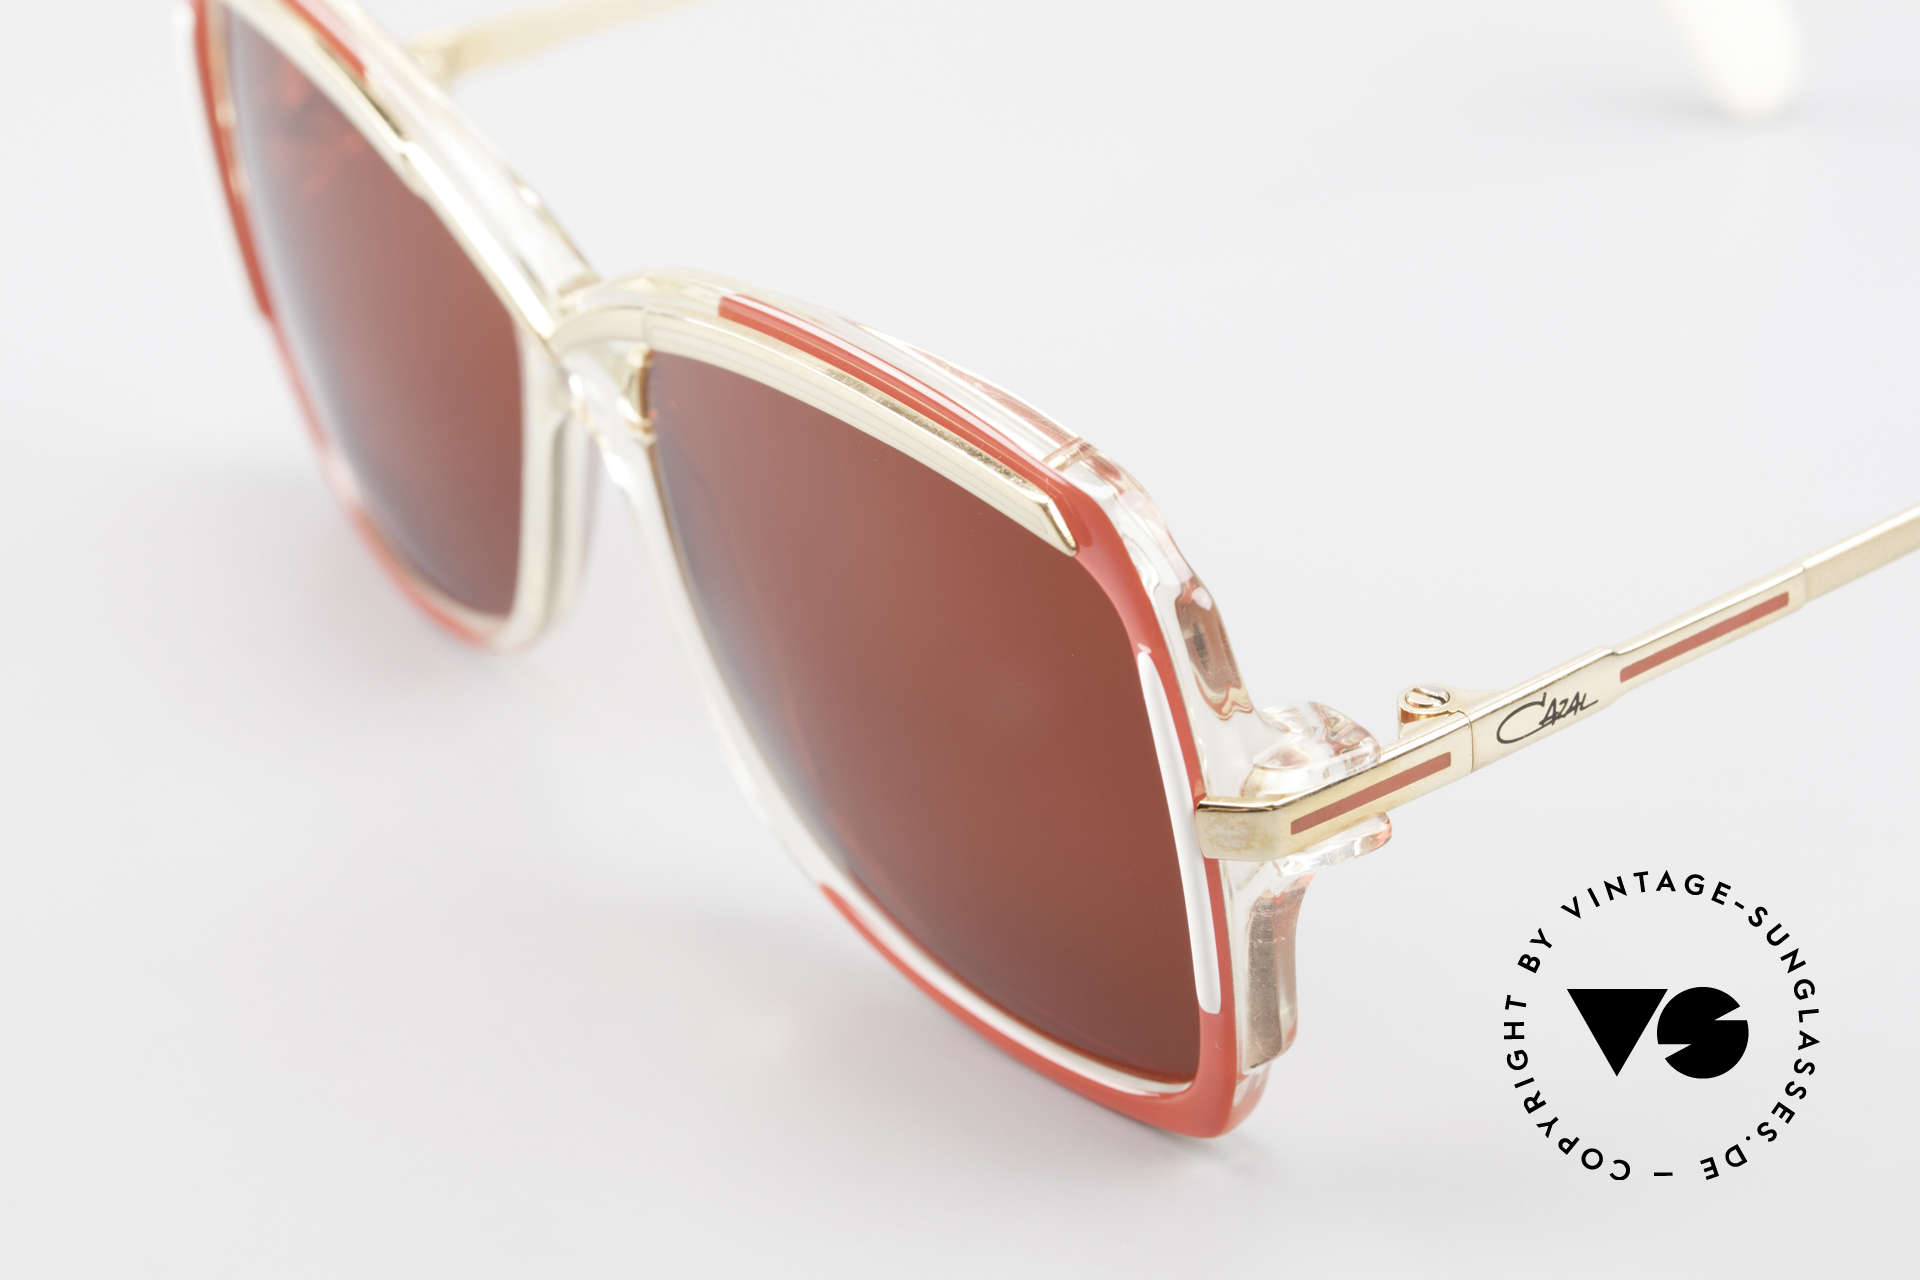 Cazal 177 3D Rot Designer Sonnenbrille, ungetragen (wie alle unsere vintage Cazal Brillen), Passend für Damen